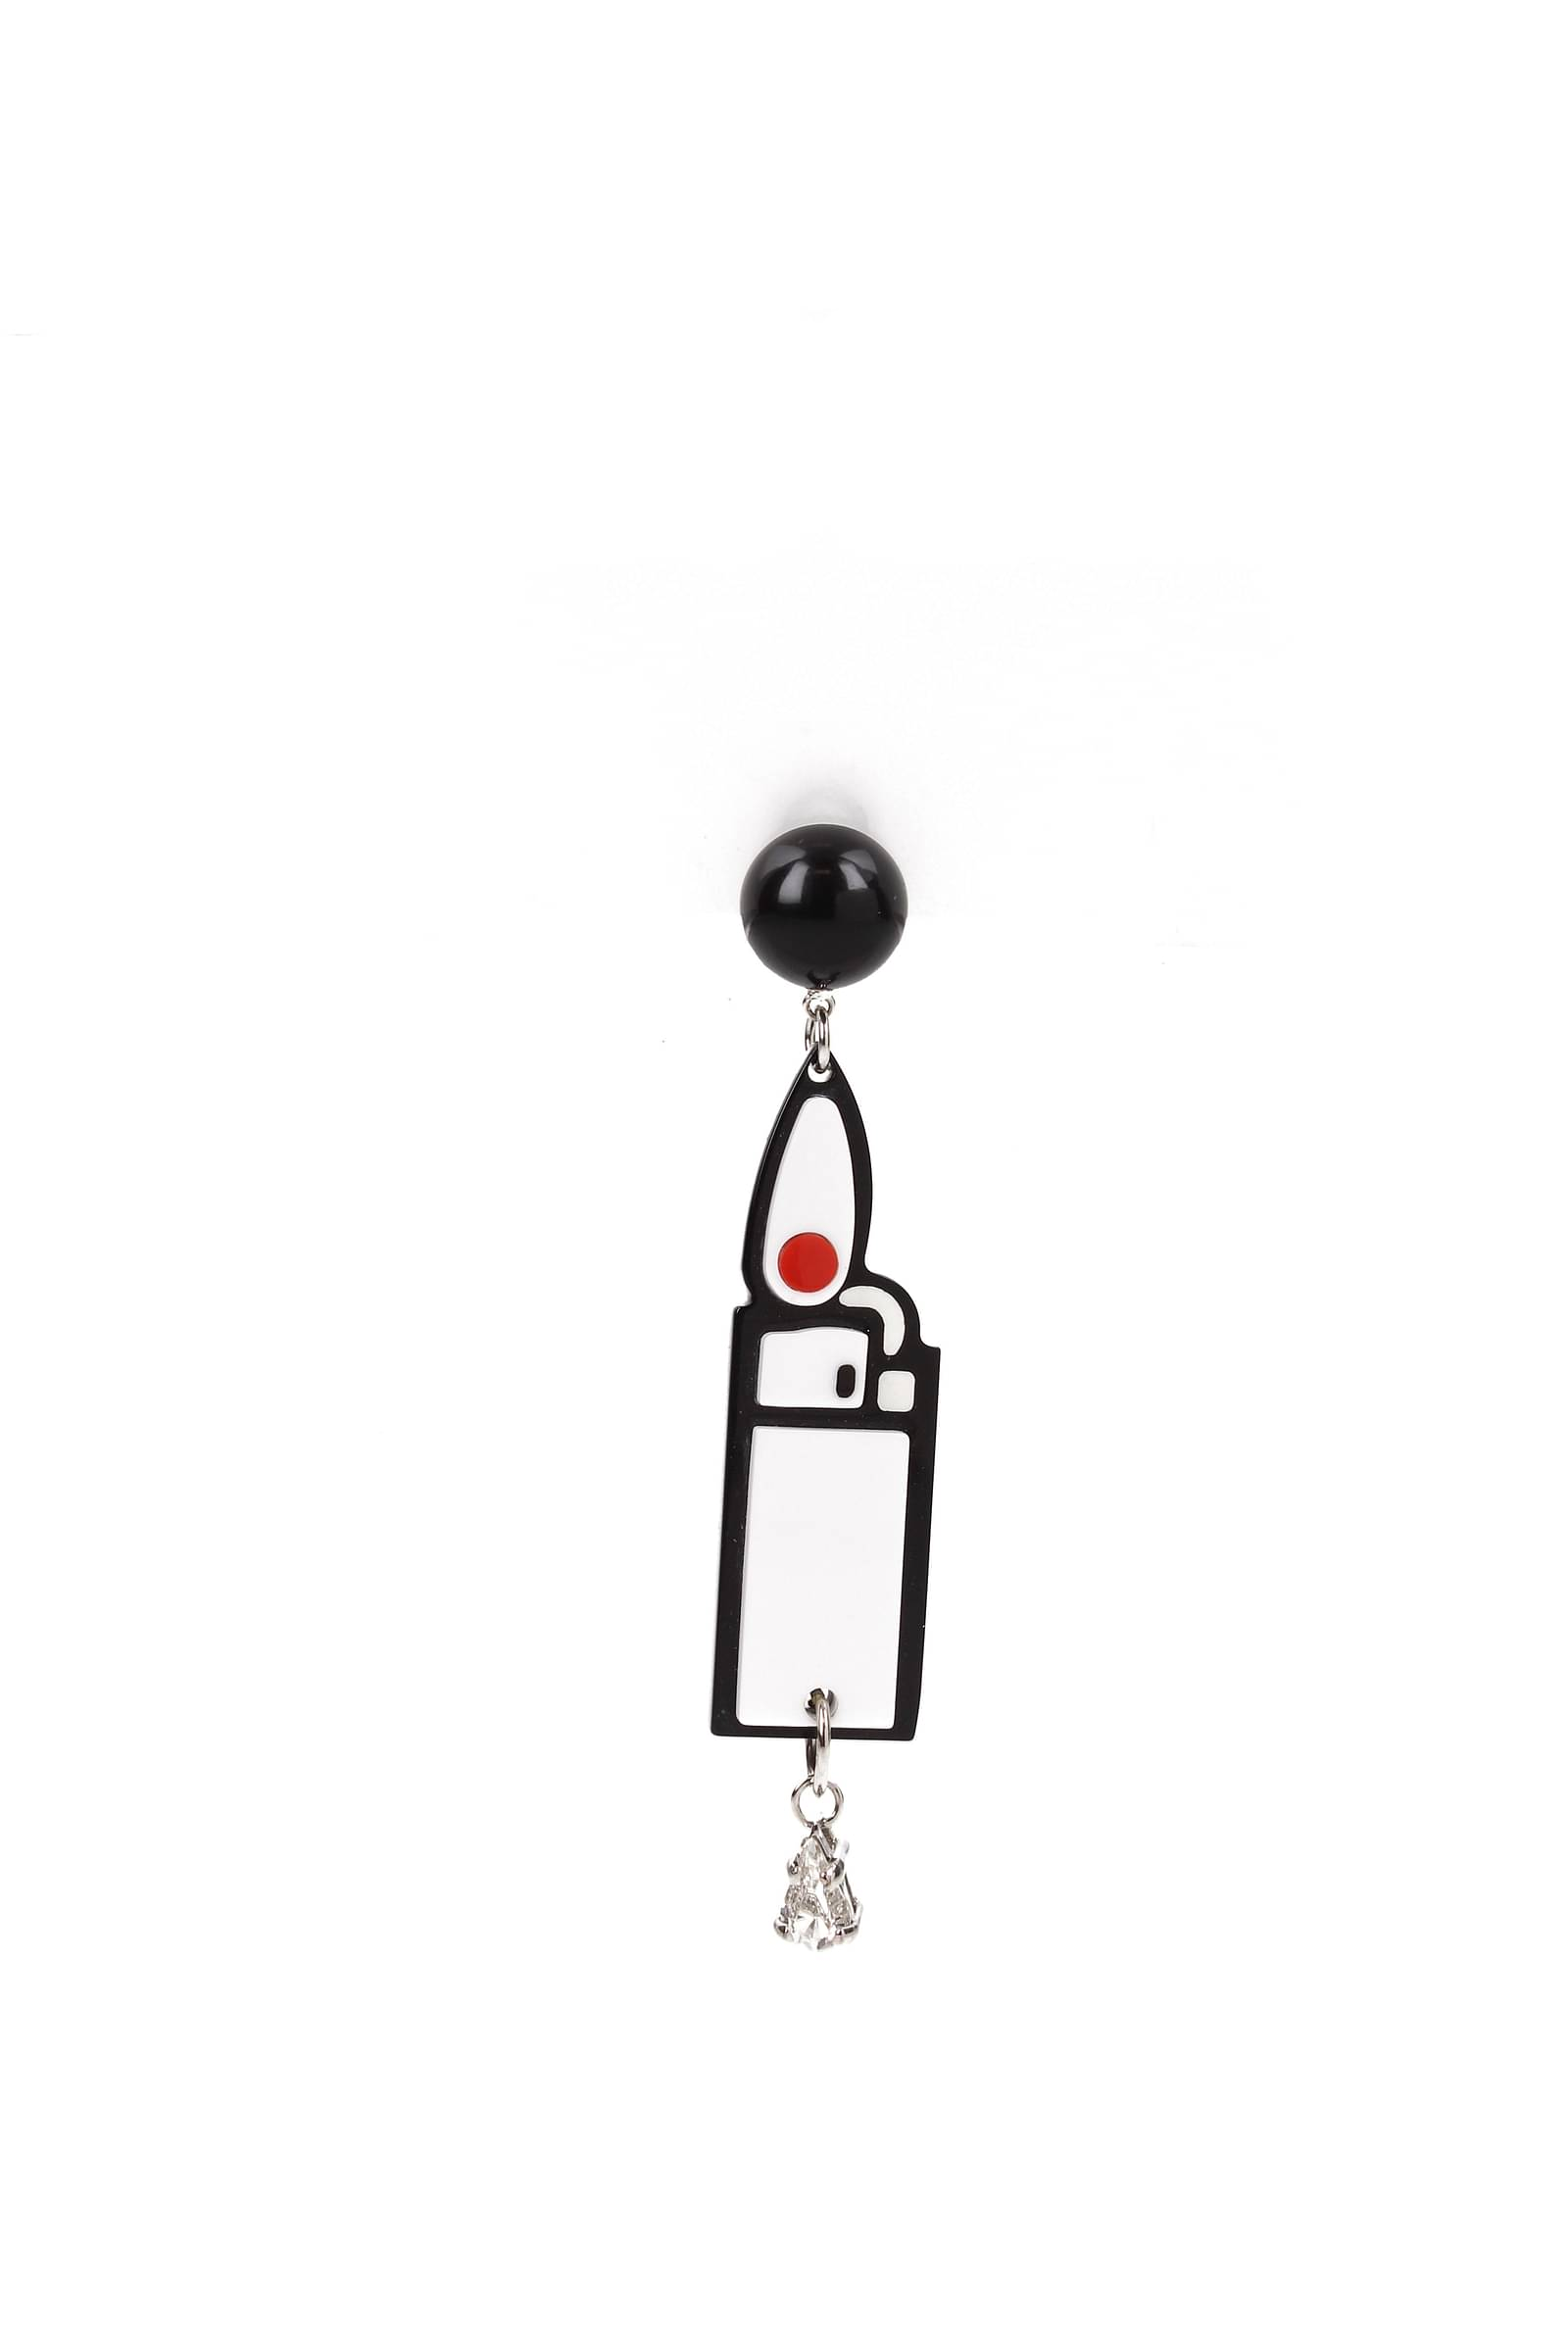 Orecchini-Miu-Miu-single-earring-Donna-Plexiglass-5JO085PLEXCRYSTAL miniatura 2